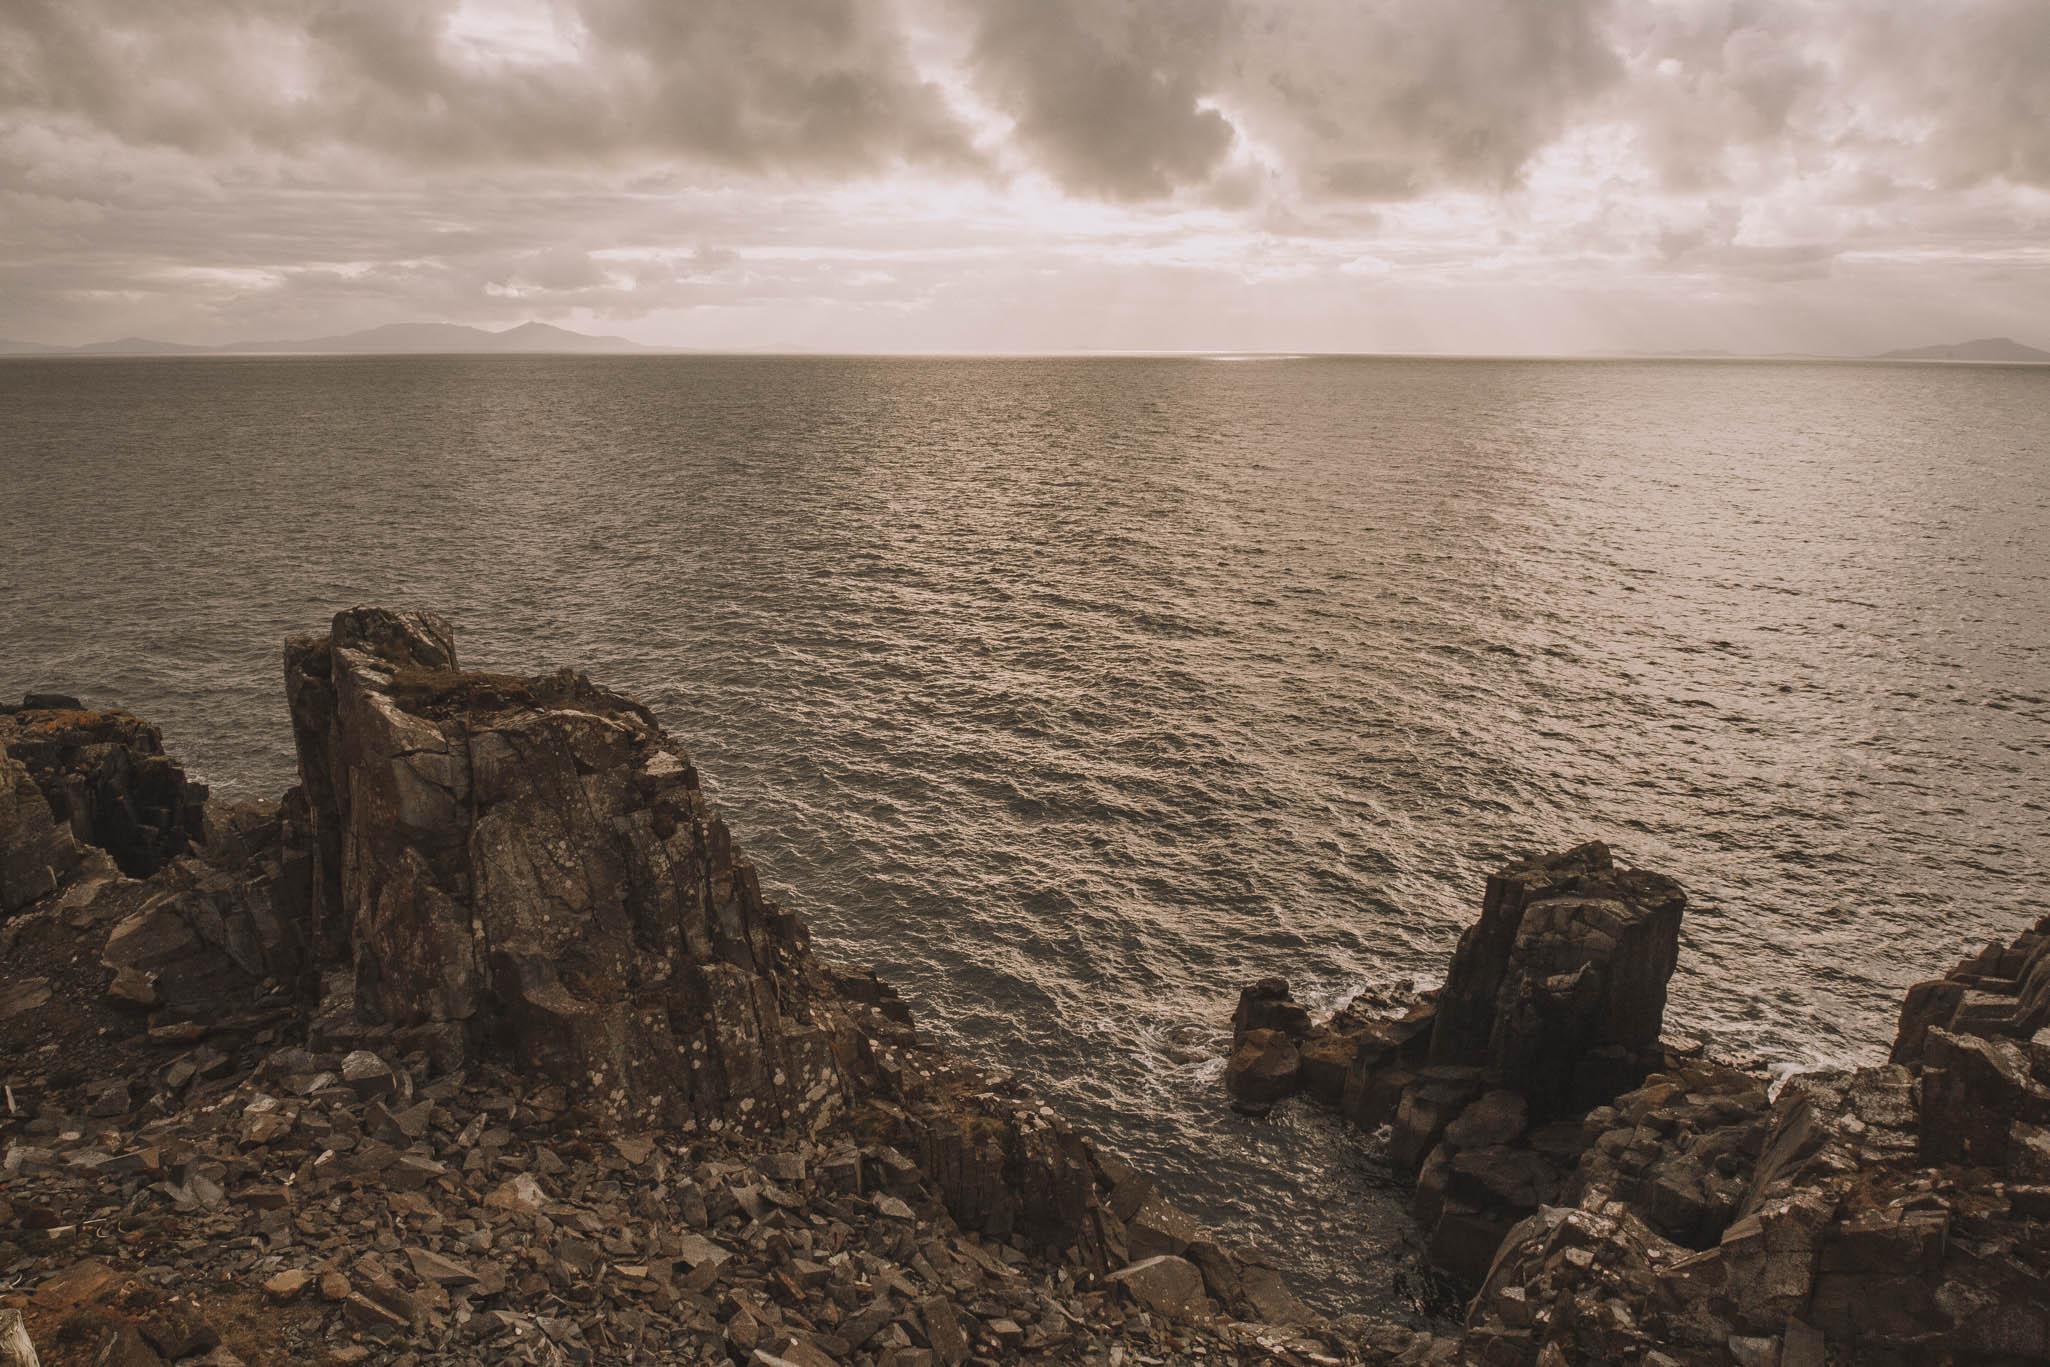 Scotland-wedding-photographer-jeremy-boyer-photographe-mariage-ecosse-voyage-road-trip-travel-68.jpg